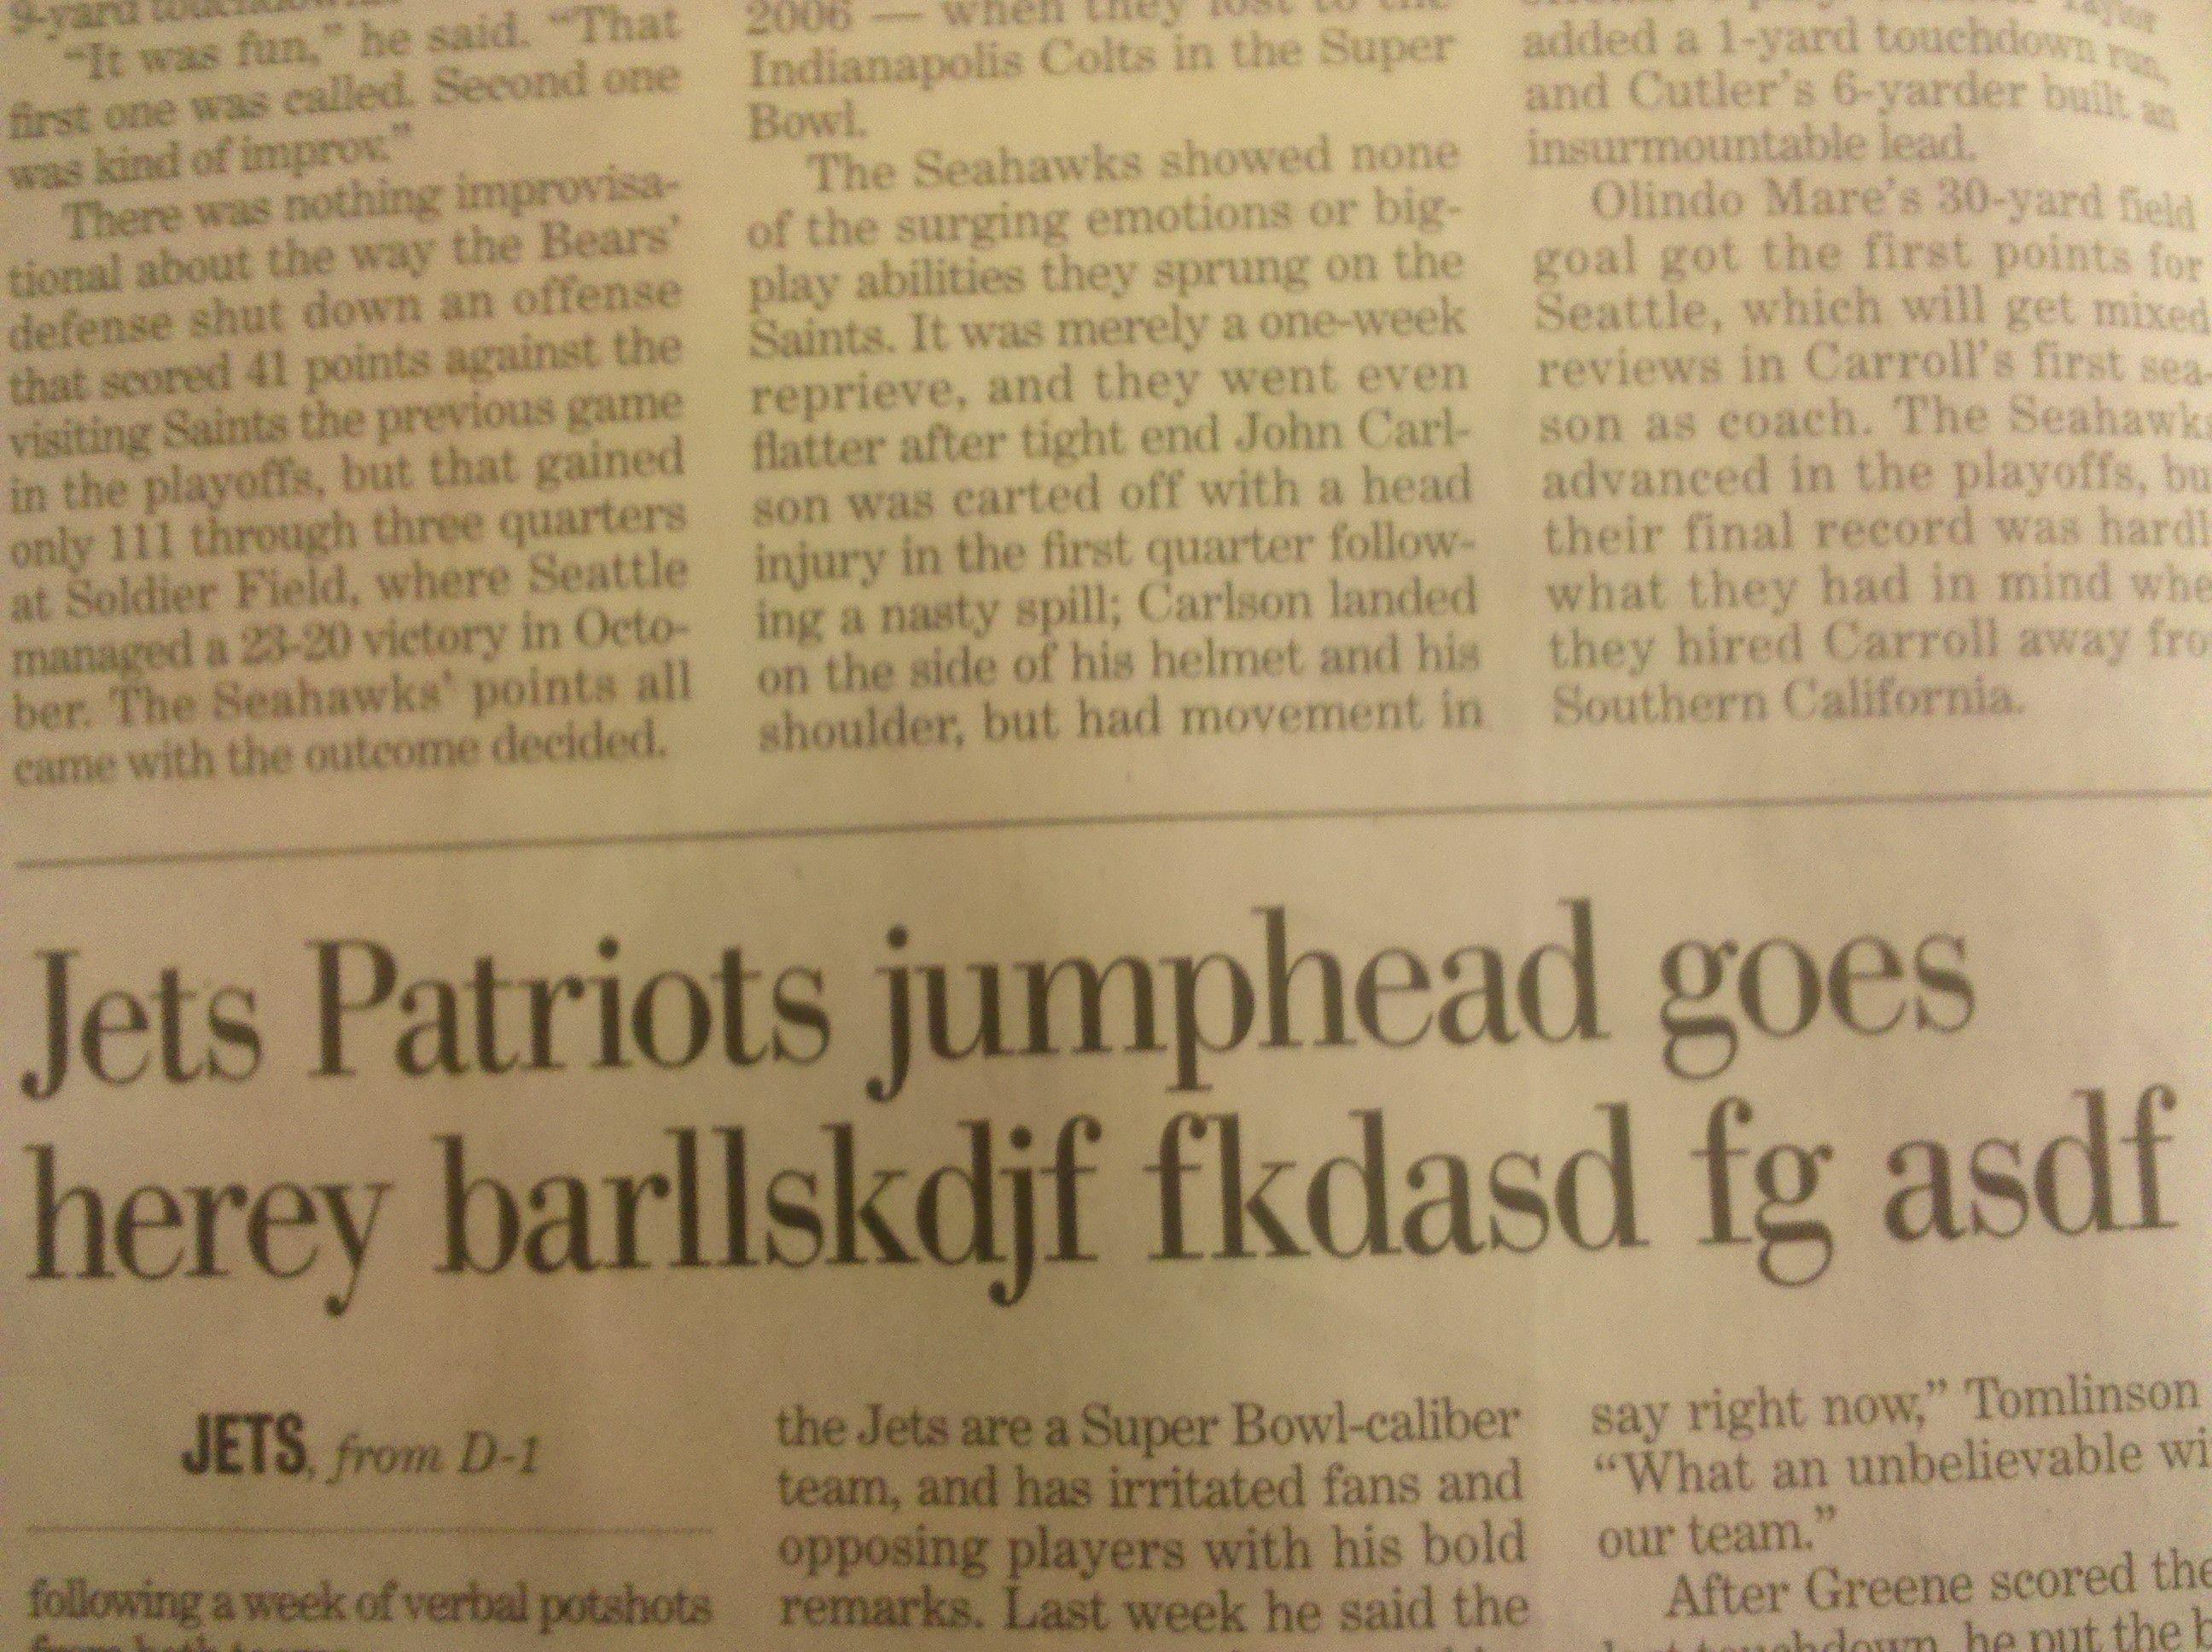 badnewspaper